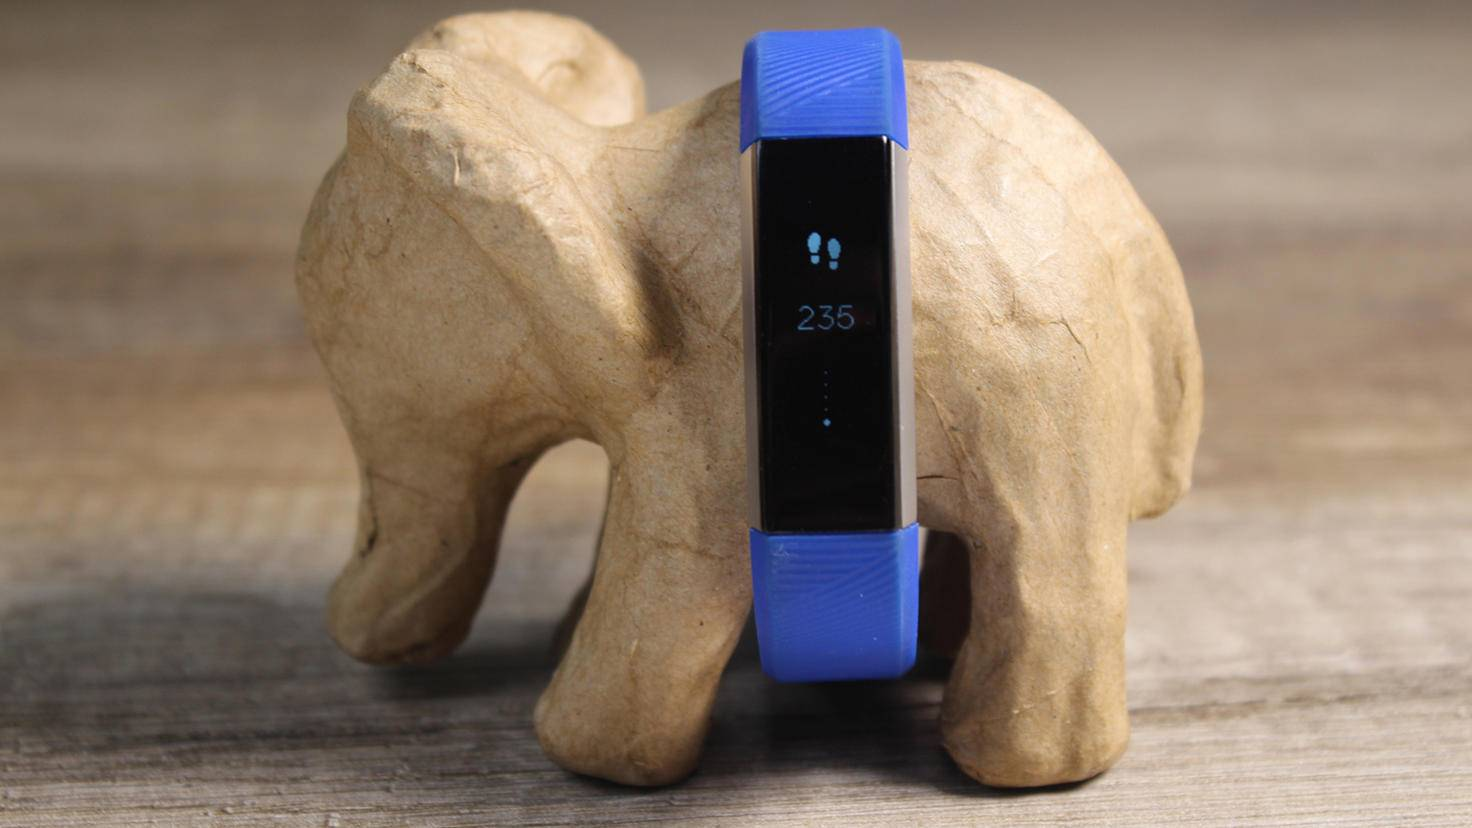 Das Display des Fitbit Ace zeigt Schritte und Co. an.